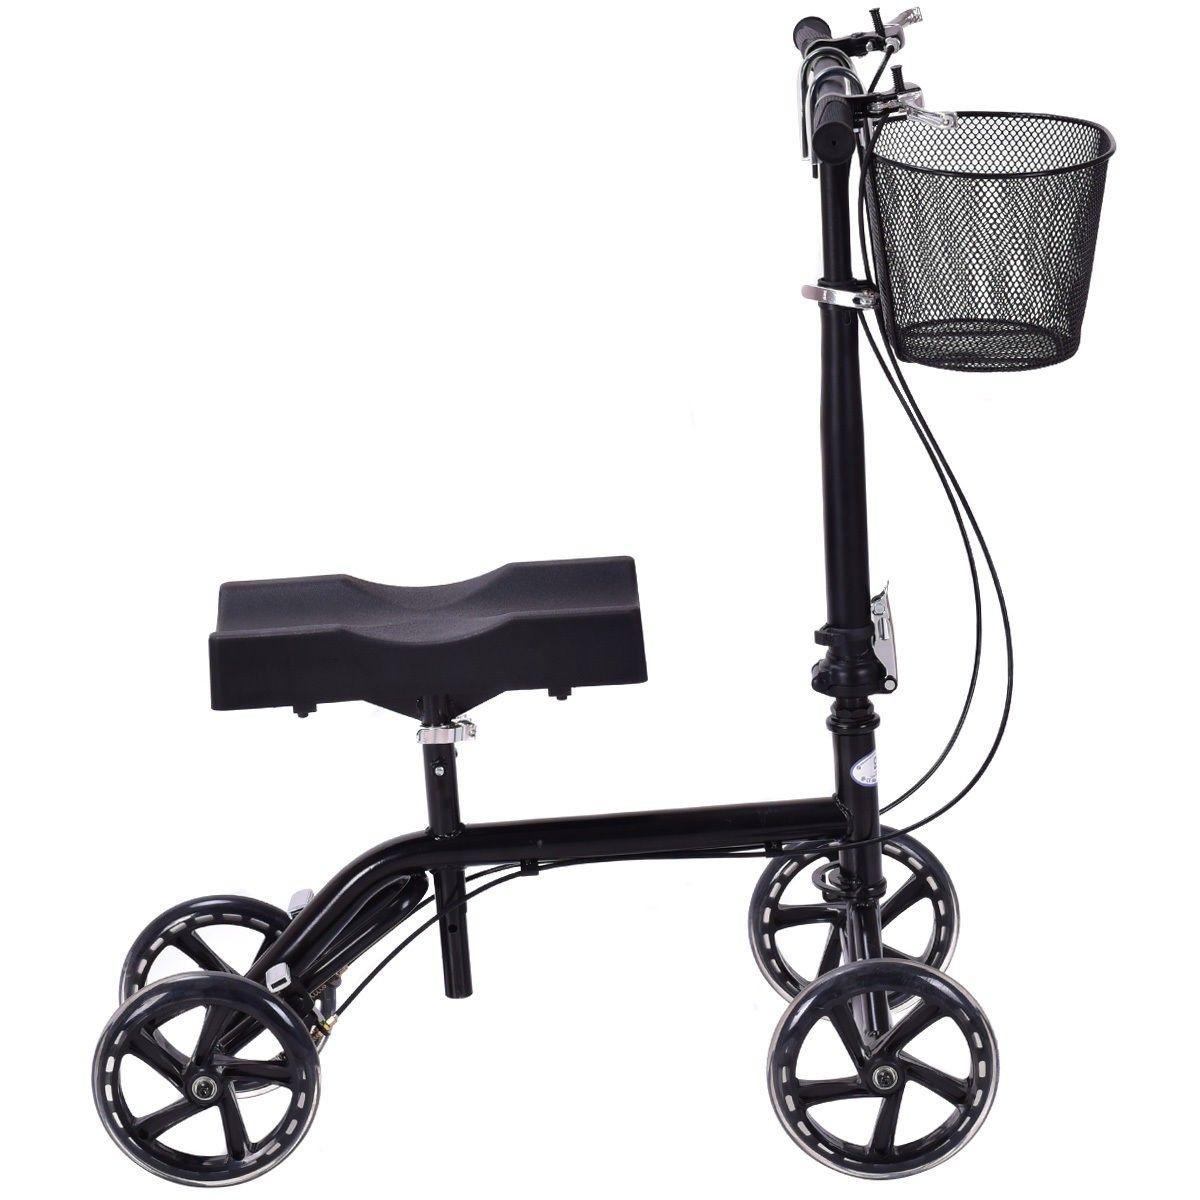 Foldable Knee Walker Scooter Turning Brake Basket